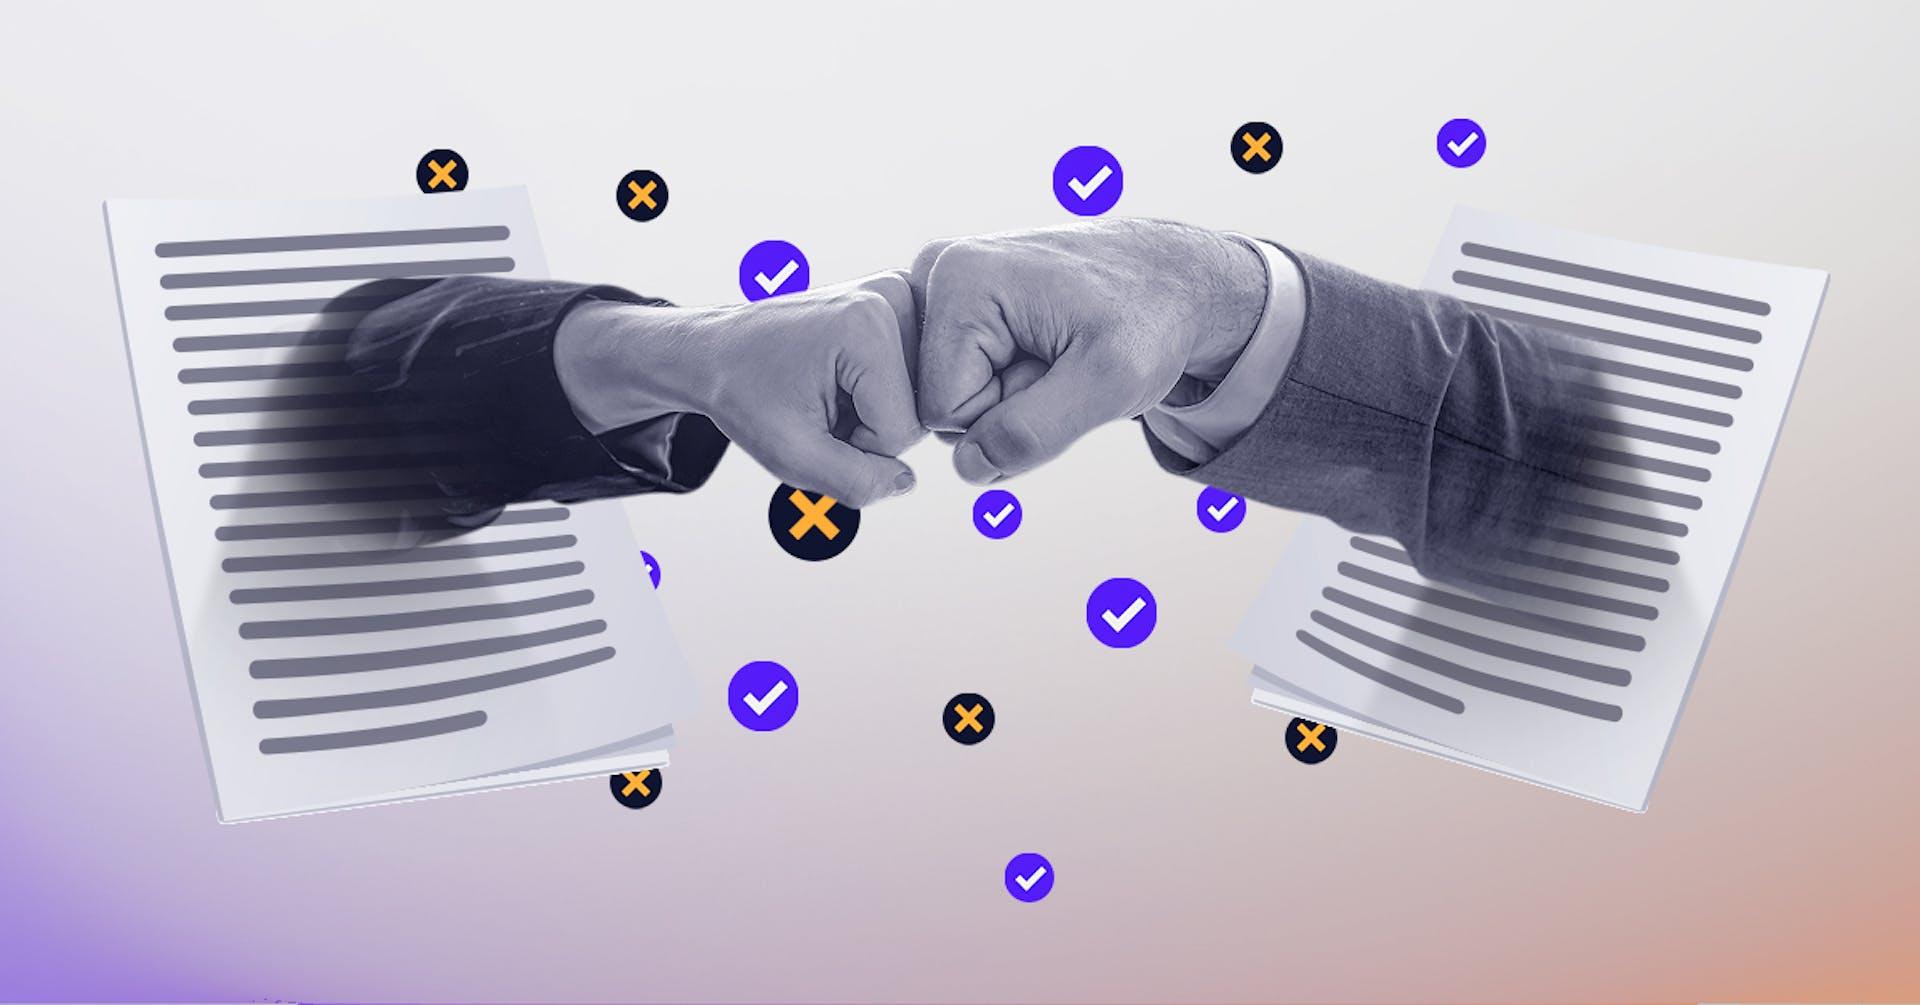 Acuerdo de no competencia: ¿Qué se debe tener en cuenta para aplicarlo?